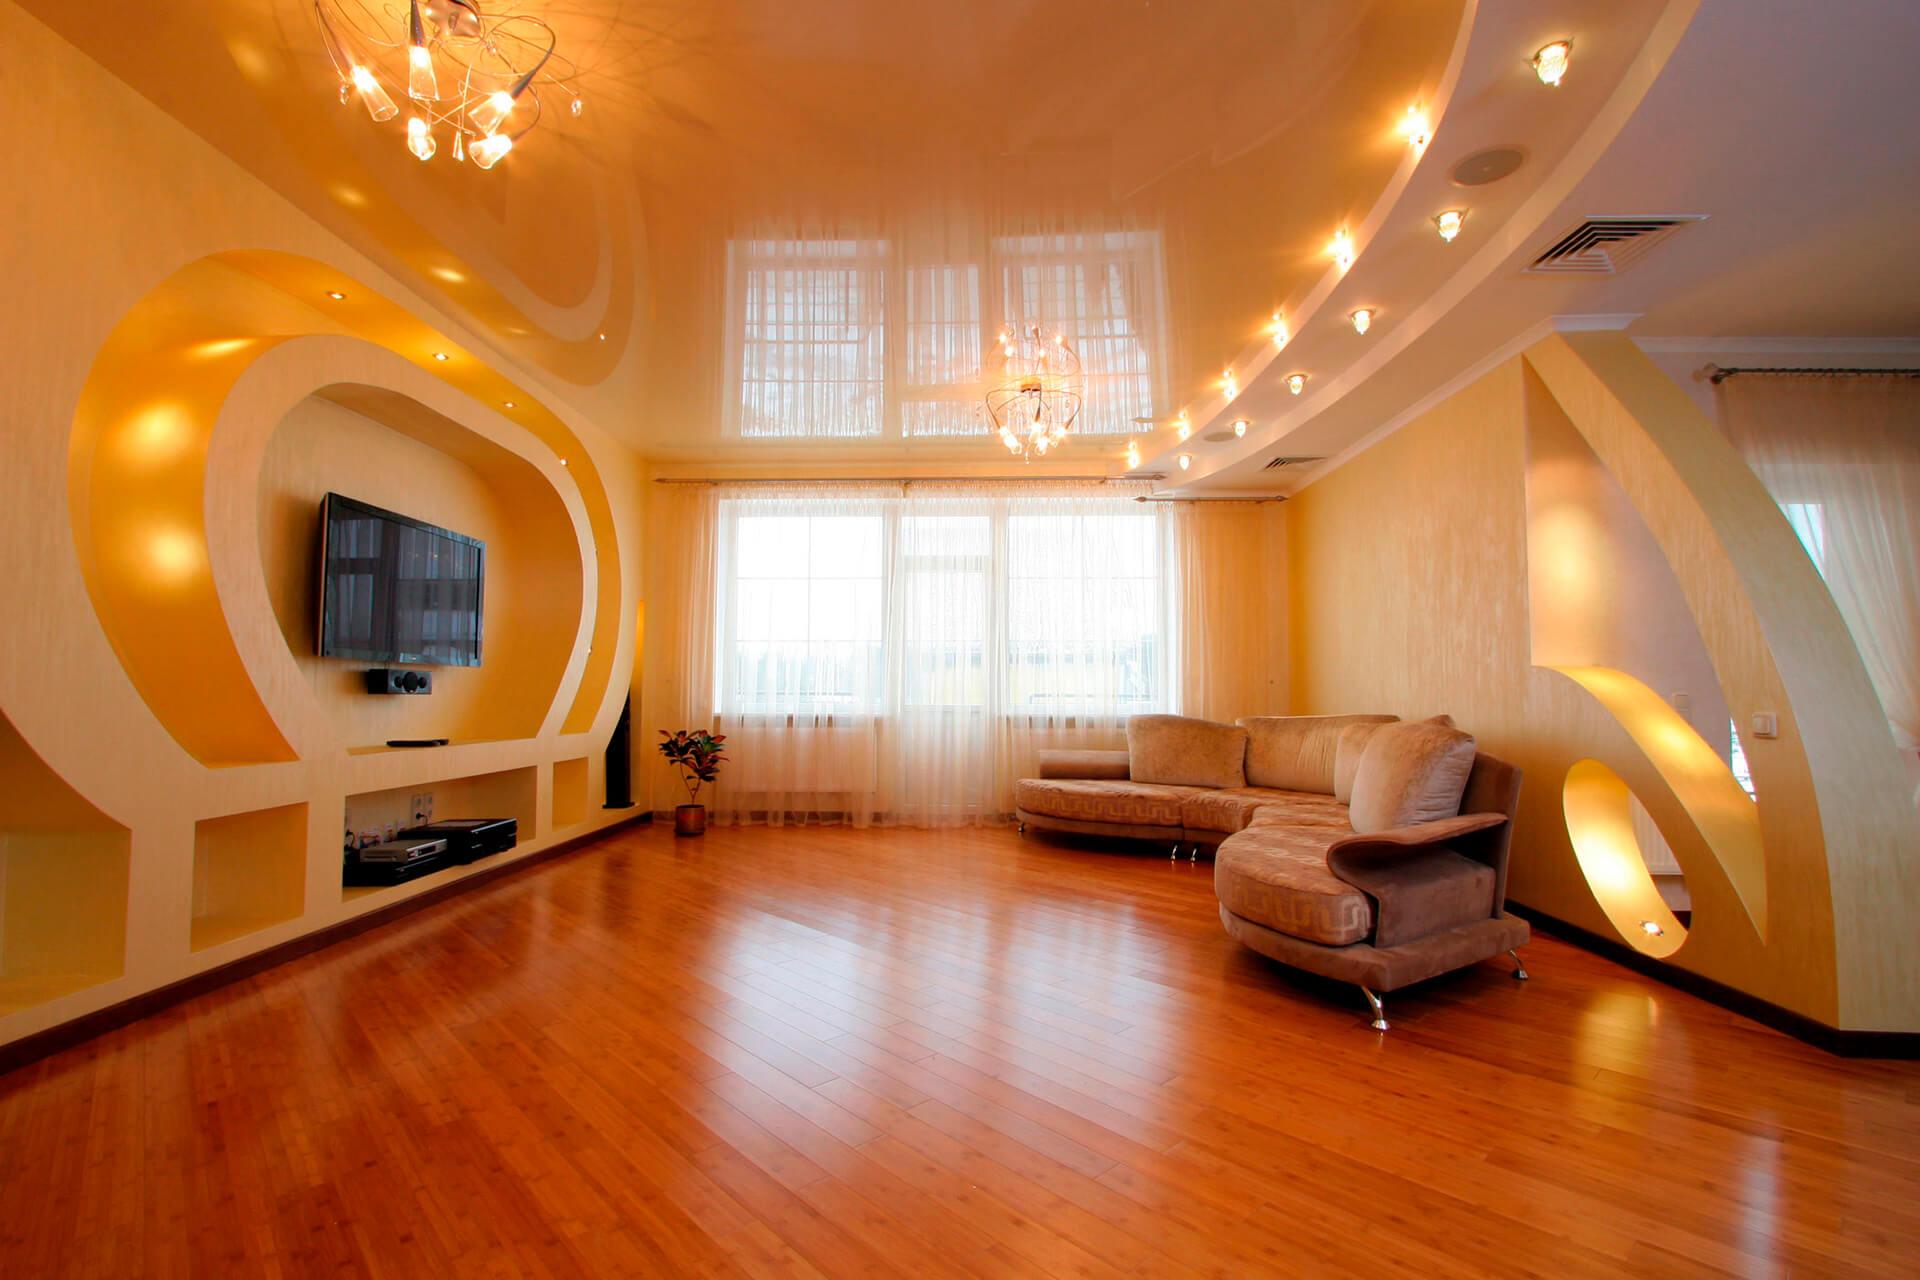 Варианты бюджетной отделки квартиры фото меньше топлива